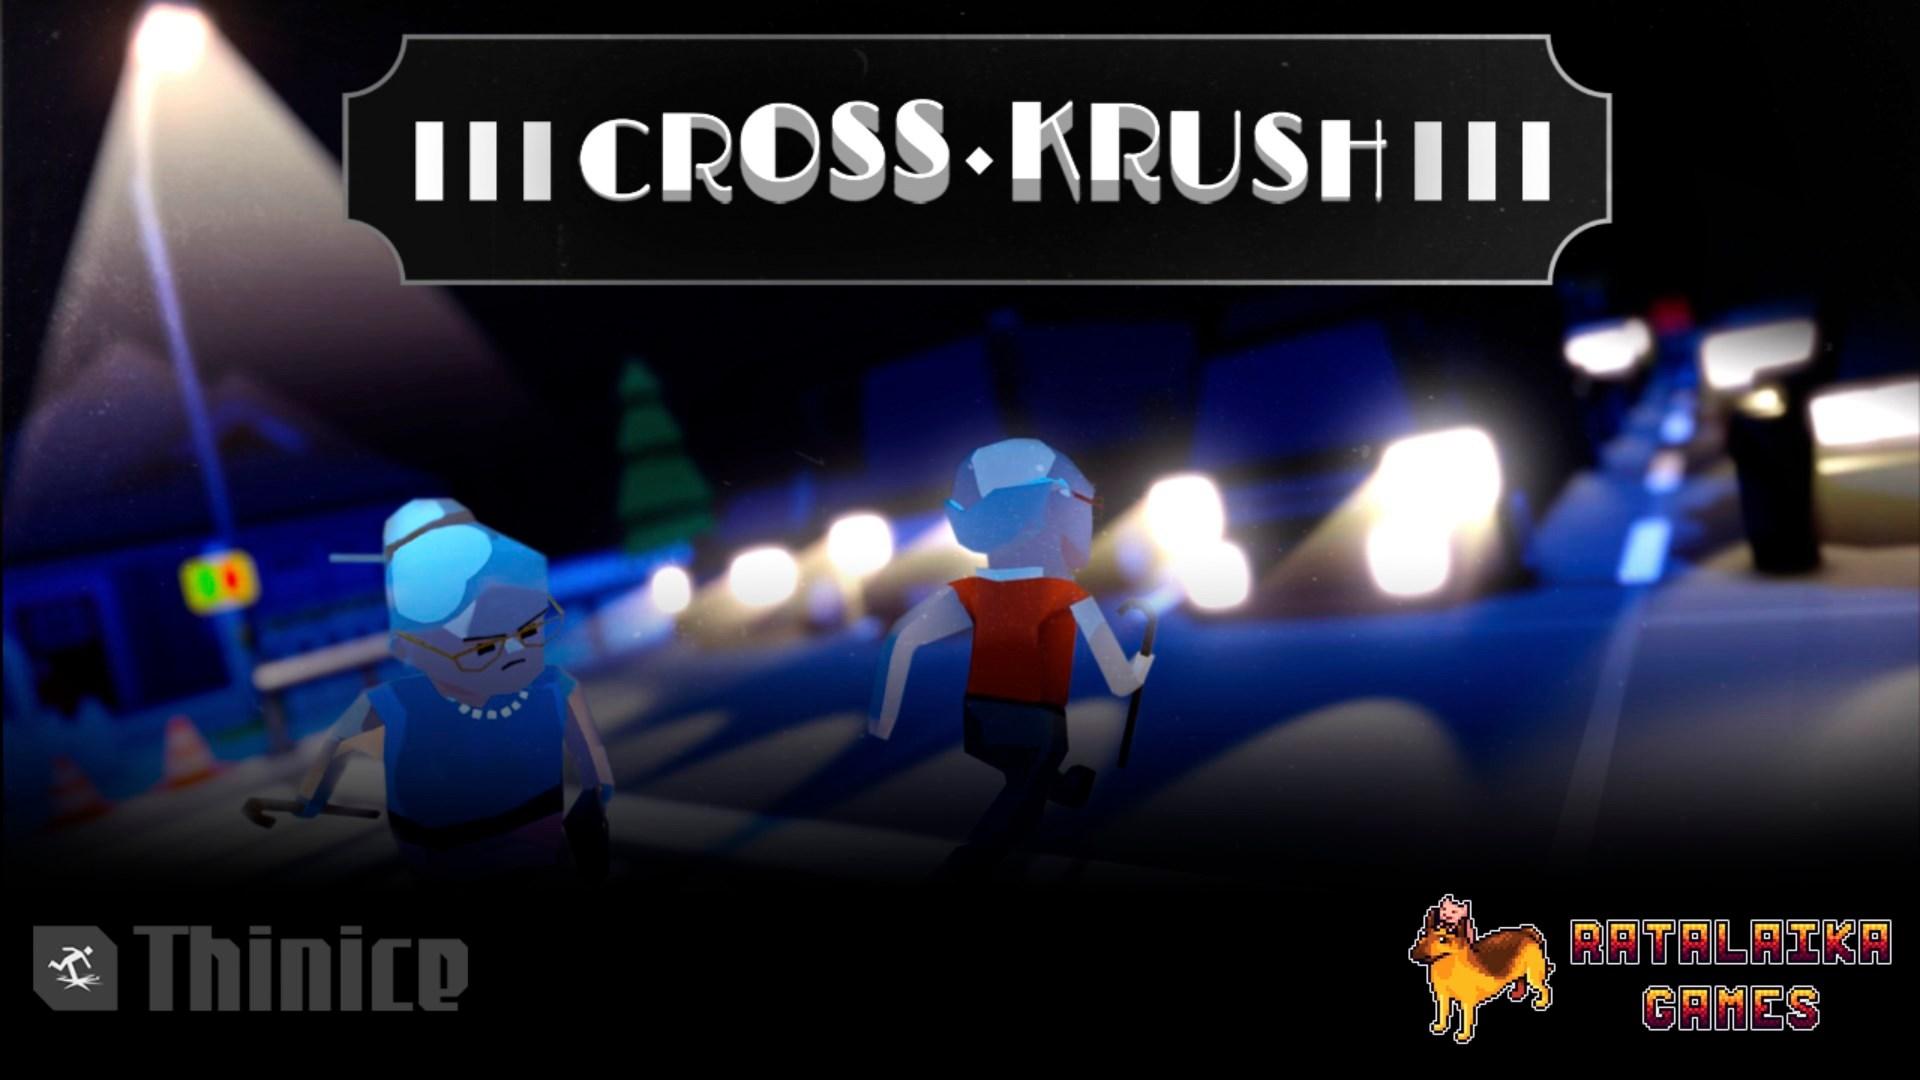 crosskrush video game wallpaper 74432